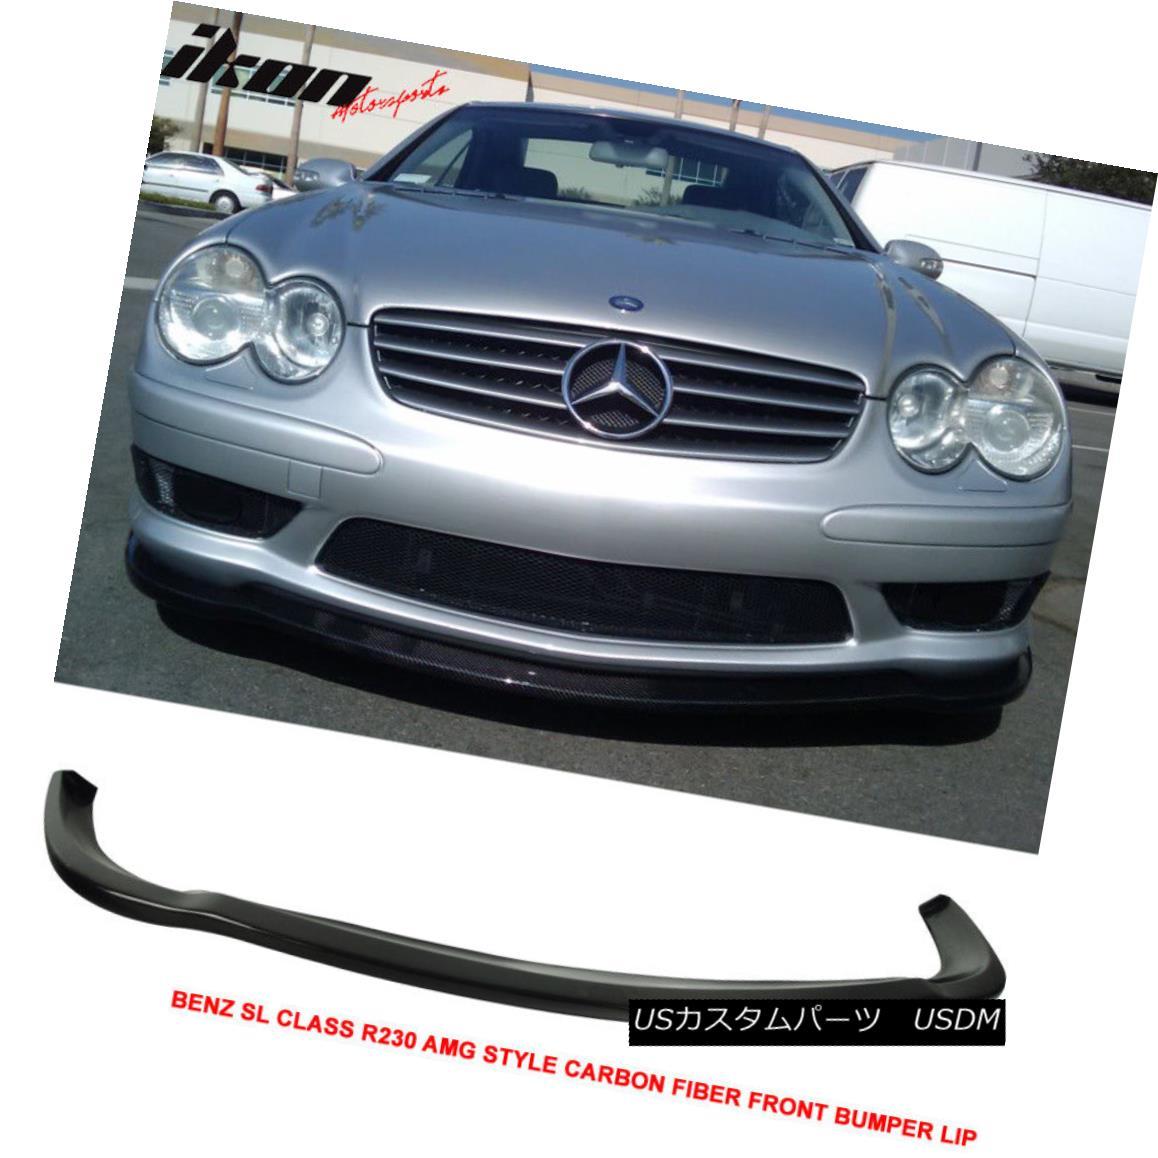 【オンライン限定商品】 エアロパーツ For 03-06 Benz Carbon SL Class R230 Style AMG エアロパーツ Style Front Bumper Lip - Carbon Fiber CF 03-06ベンツSLクラスR230 AMGスタイルフロントバンパーリップ - カーボンファイバーCF, ギフトギャラリー石橋:f0d1eef6 --- promotime.lt